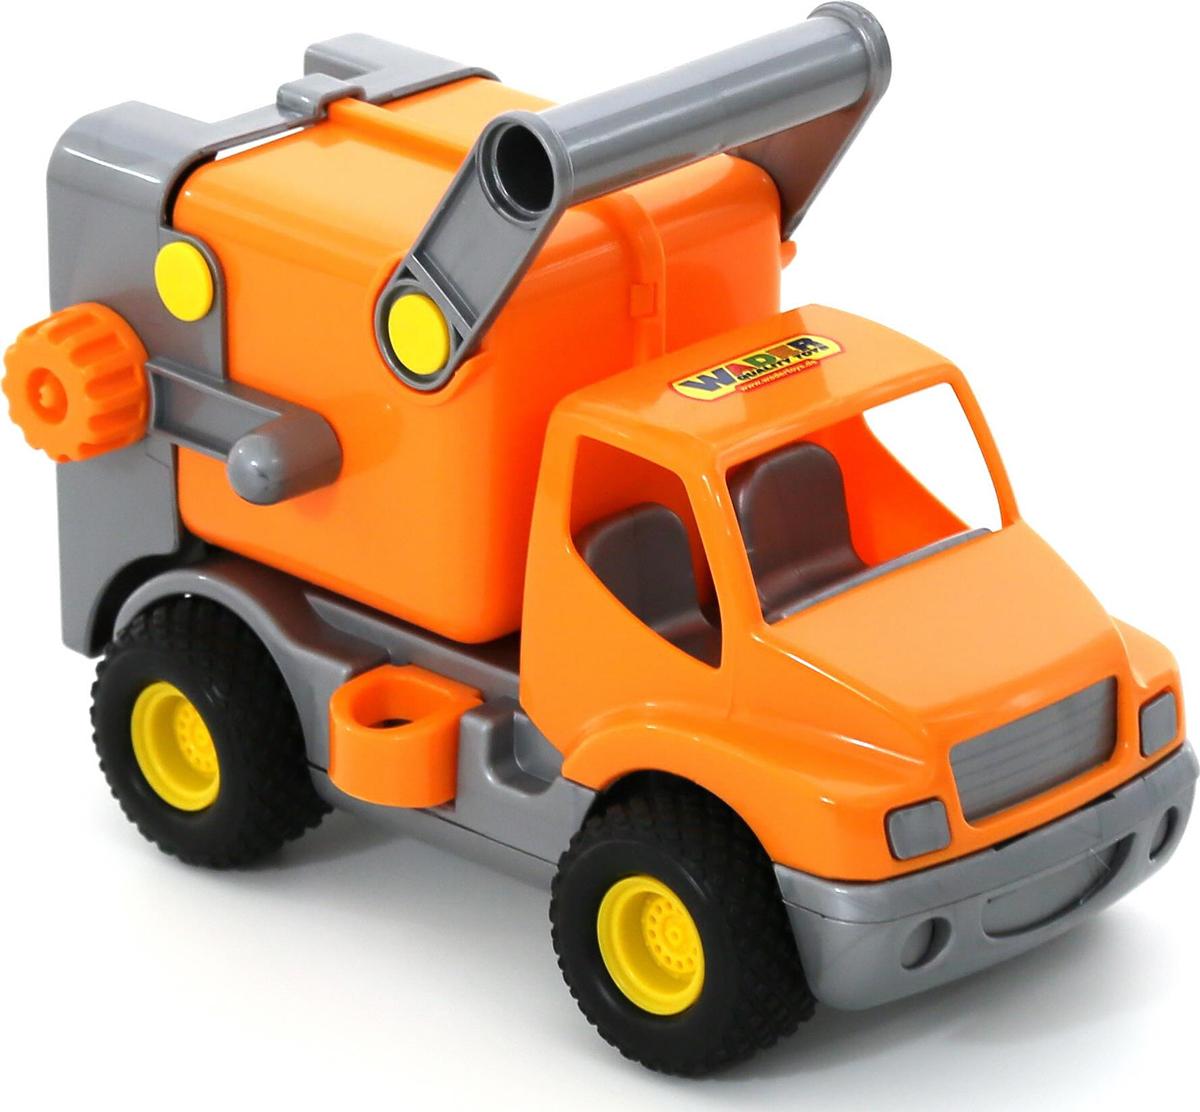 Полесье Коммунальная спецмашина КонсТрак цвет оранжевый полесье коммунальный автомобиль констрак